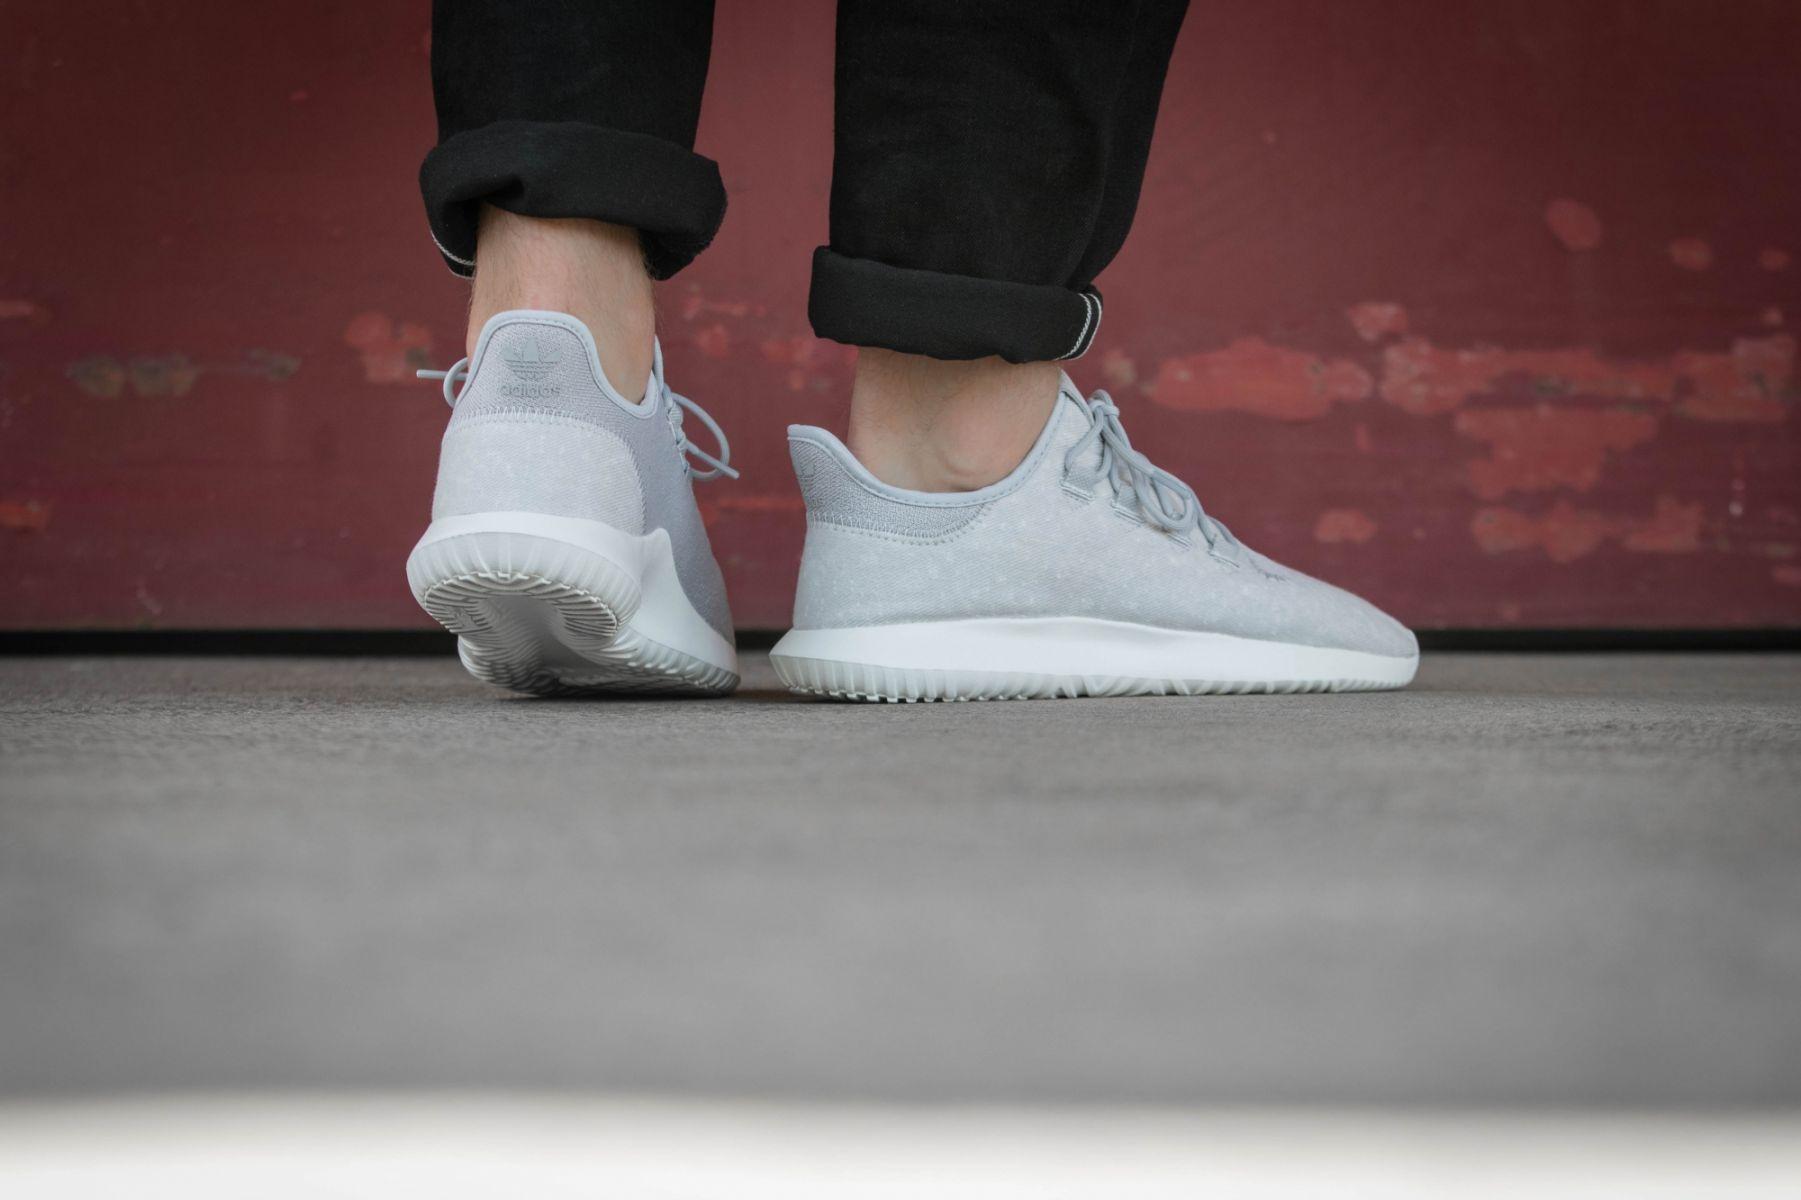 official photos ed601 633f7 adidas Tubular Shadow (grau  weiß) - BY3570  43einhalb sneaker store